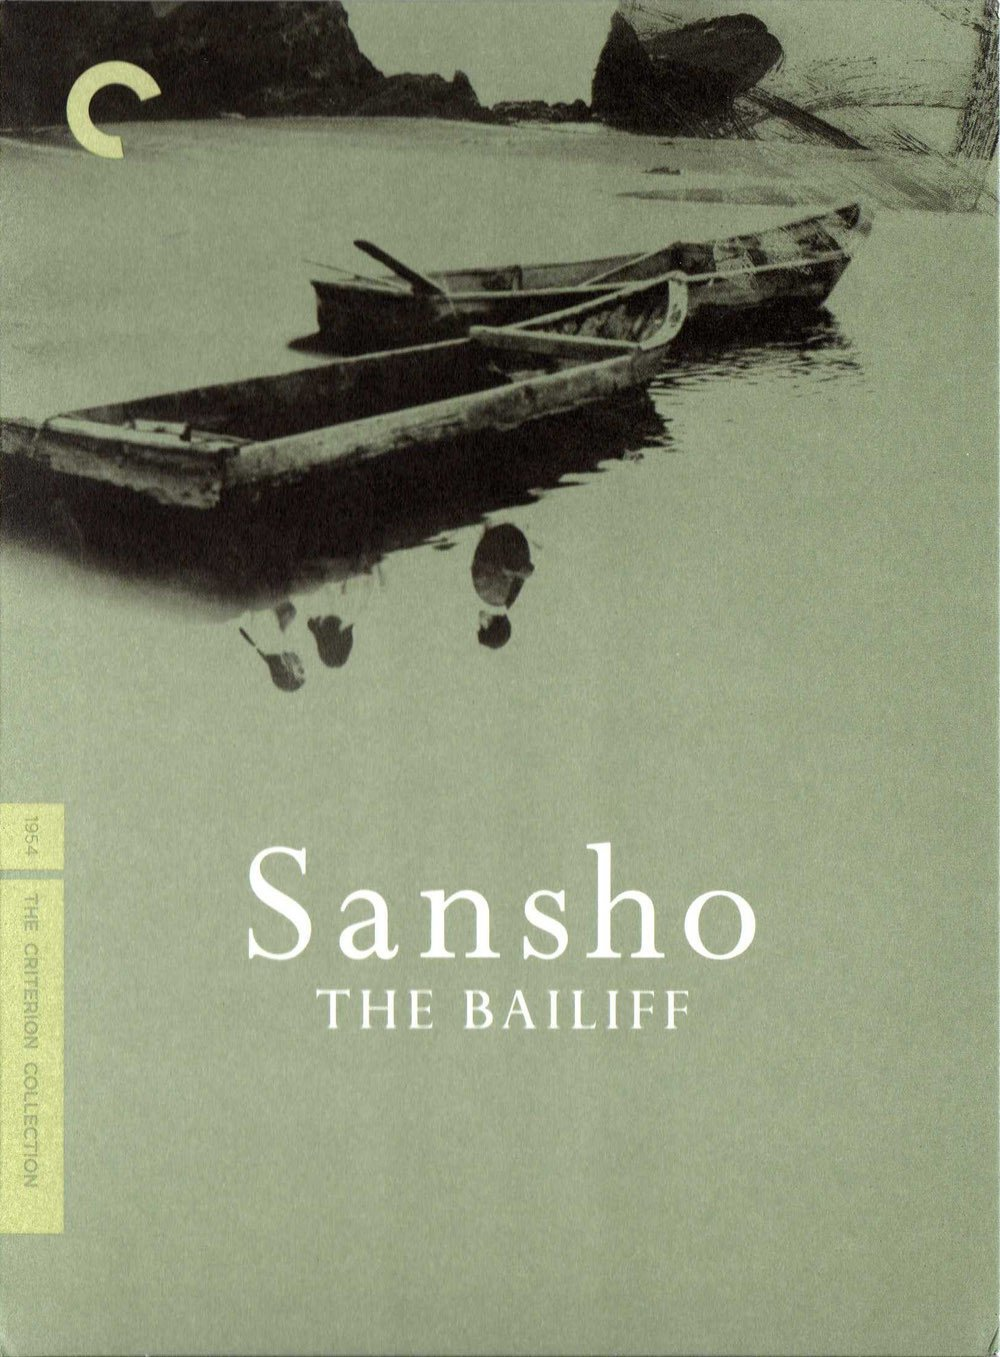 Cartel de El intendente Sansho